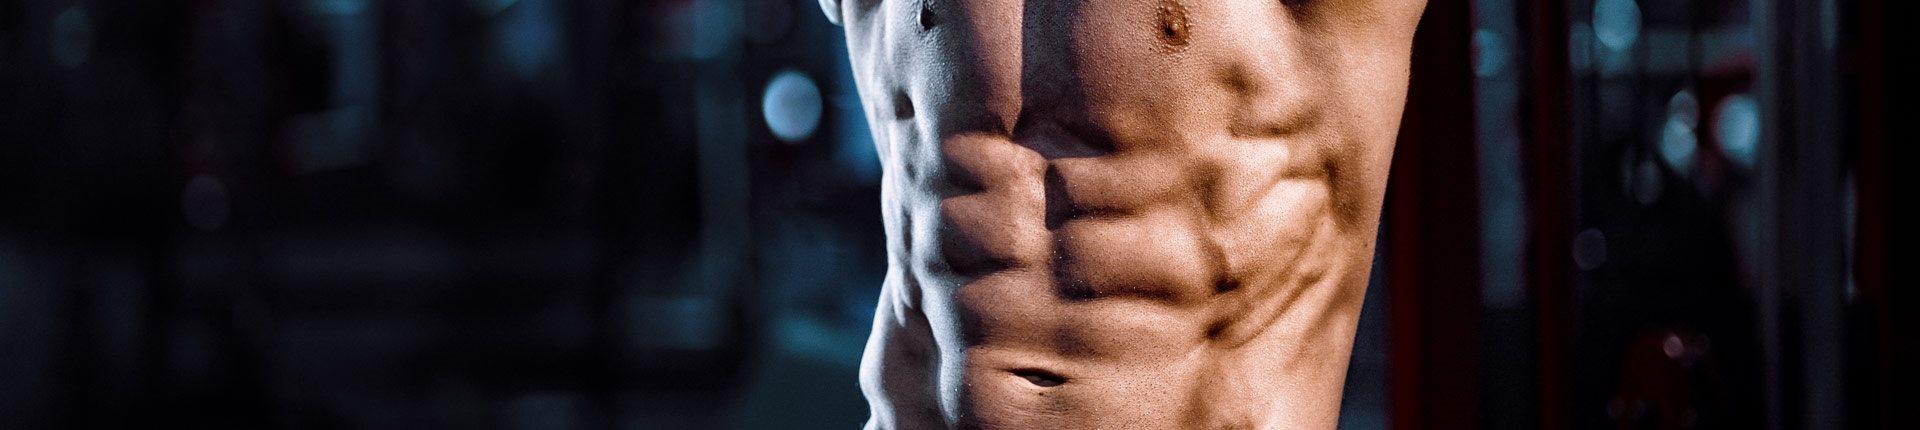 Proces spalania tłuszczu w organizmie: ile schudnę w miesiąc?